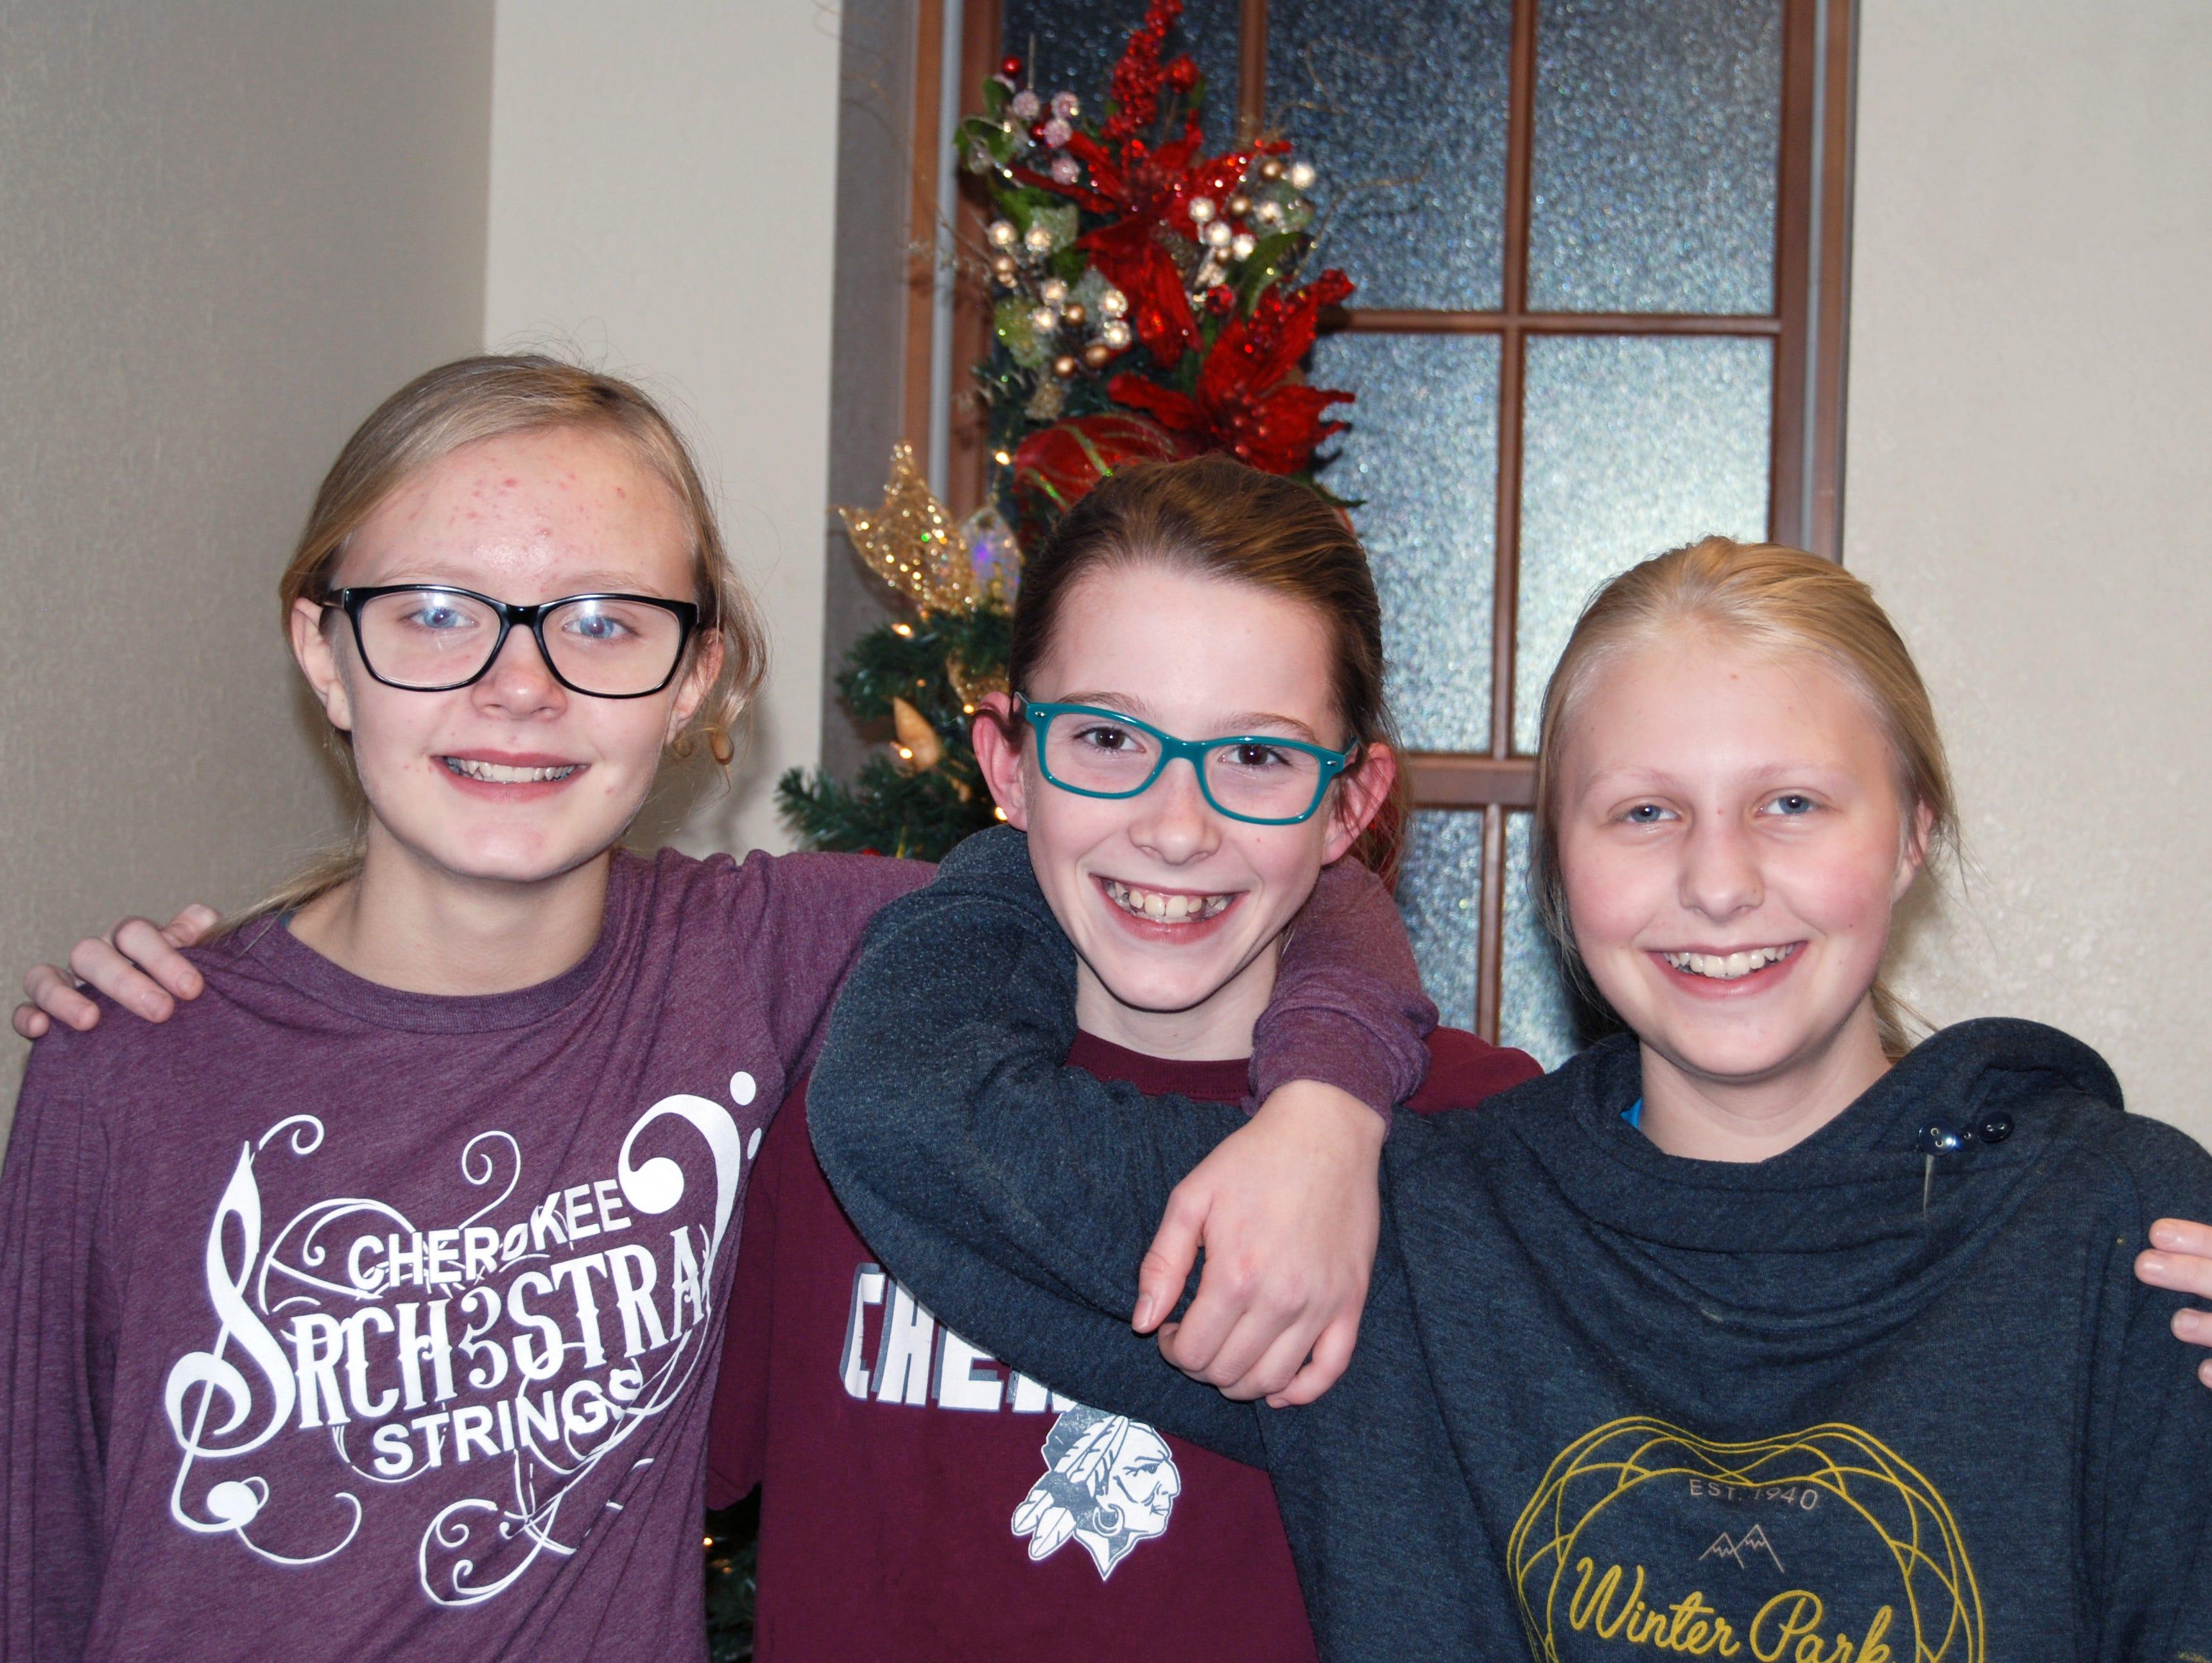 Kenzie, Brynlee and Sariah